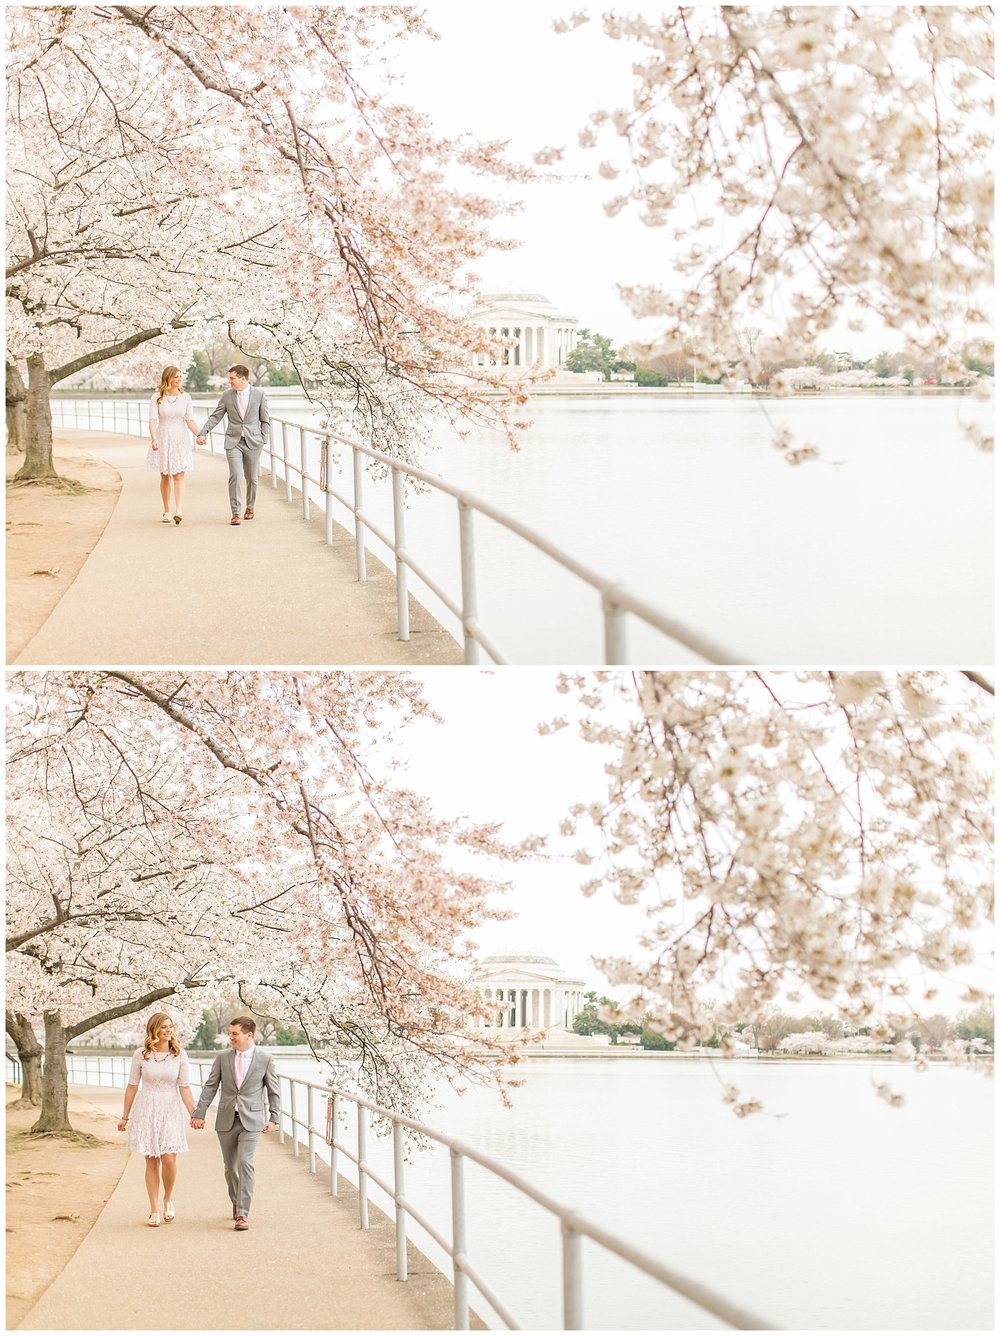 Rosalie Jon DC Cherry Blossom Engagement Living Radiant Photography_0020.jpg